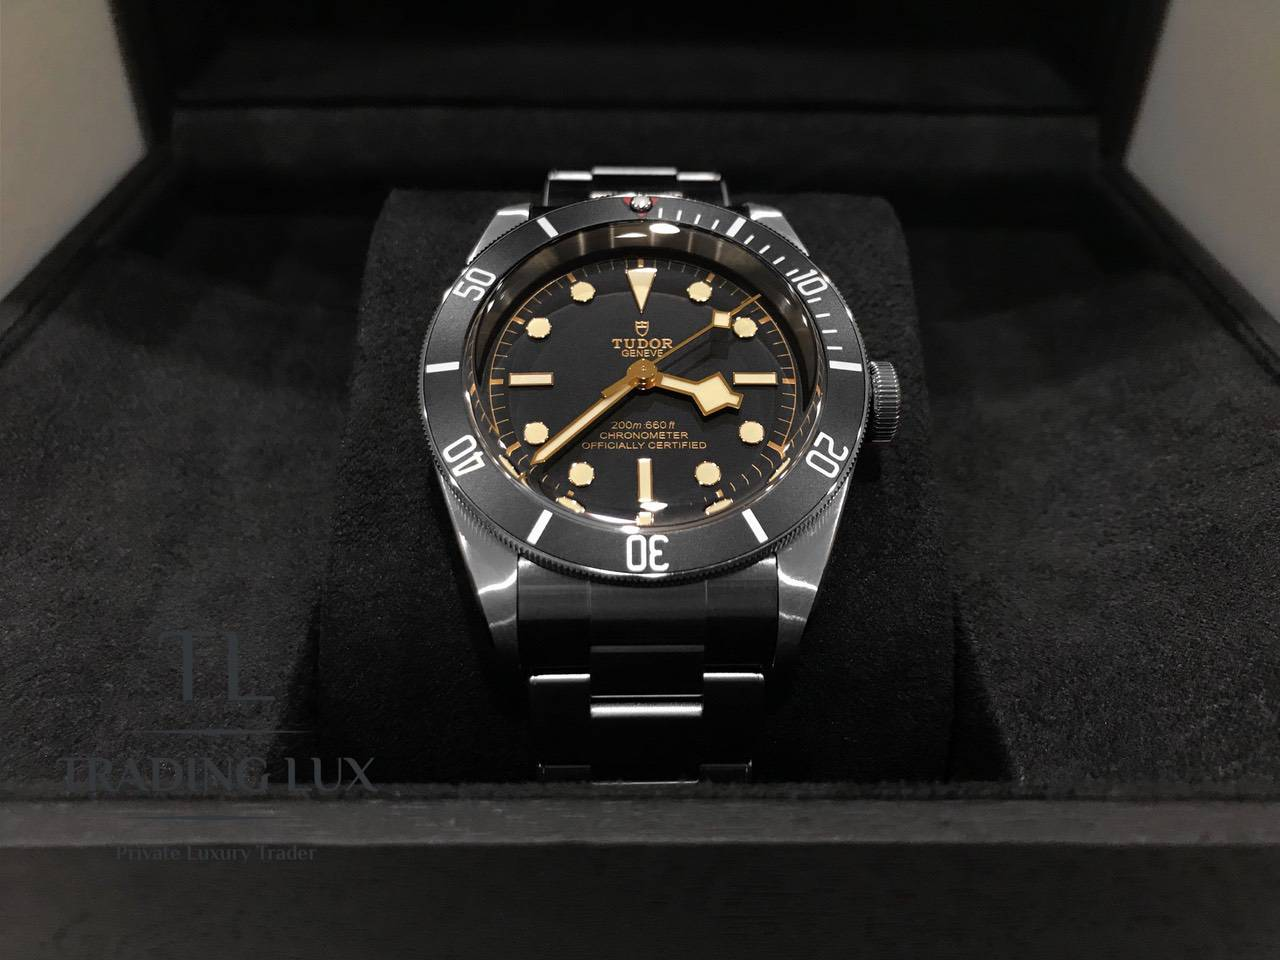 Tudor-Black-Bay-79230N-7